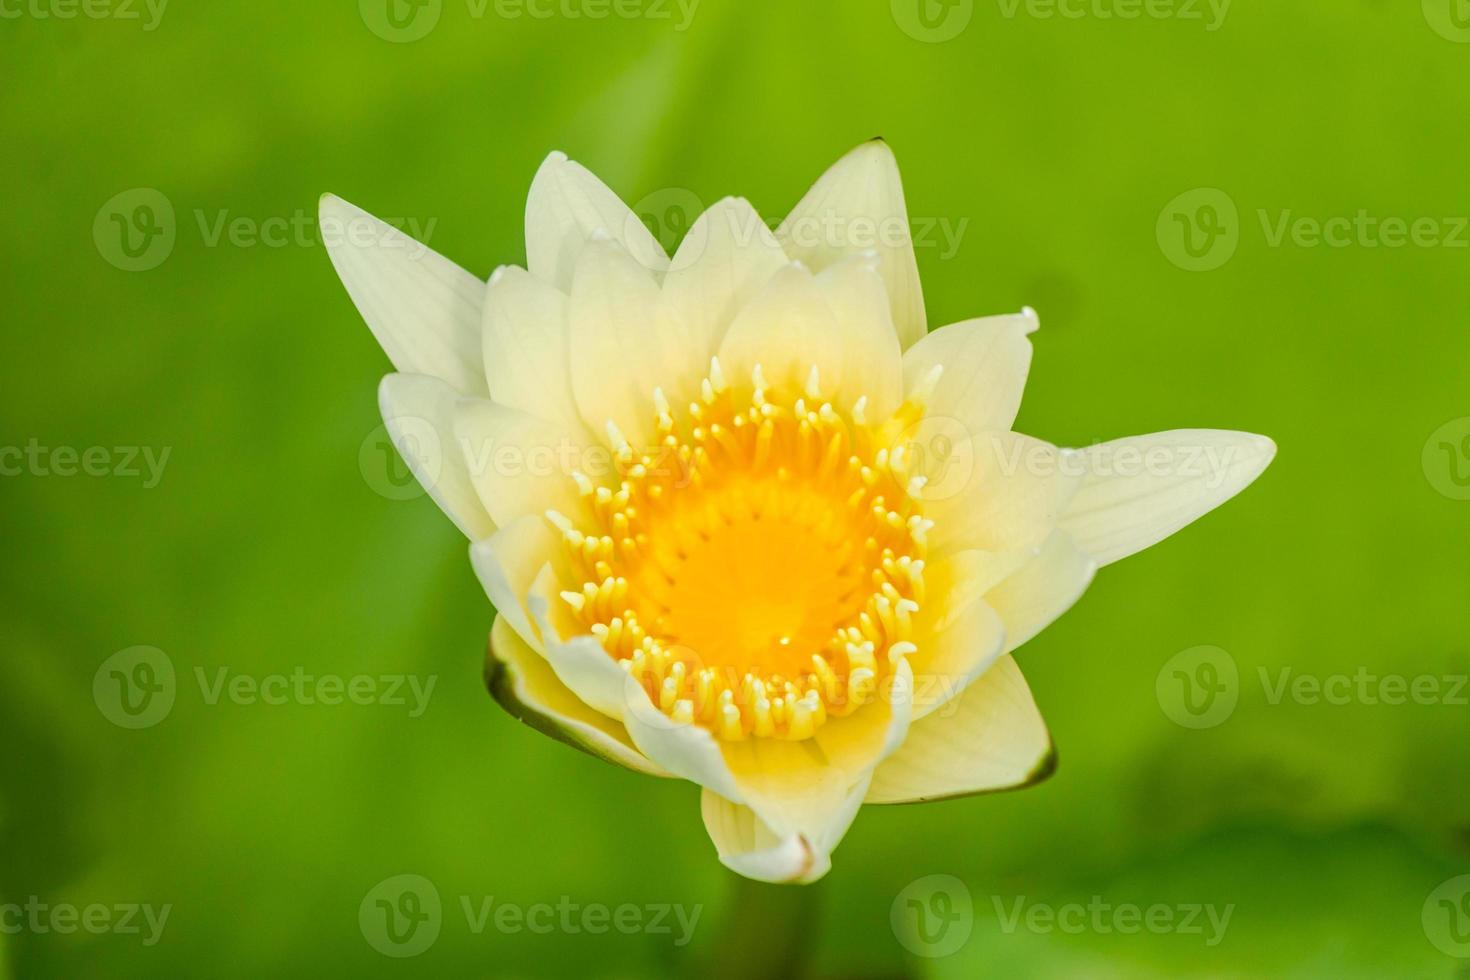 flor de loto. foto